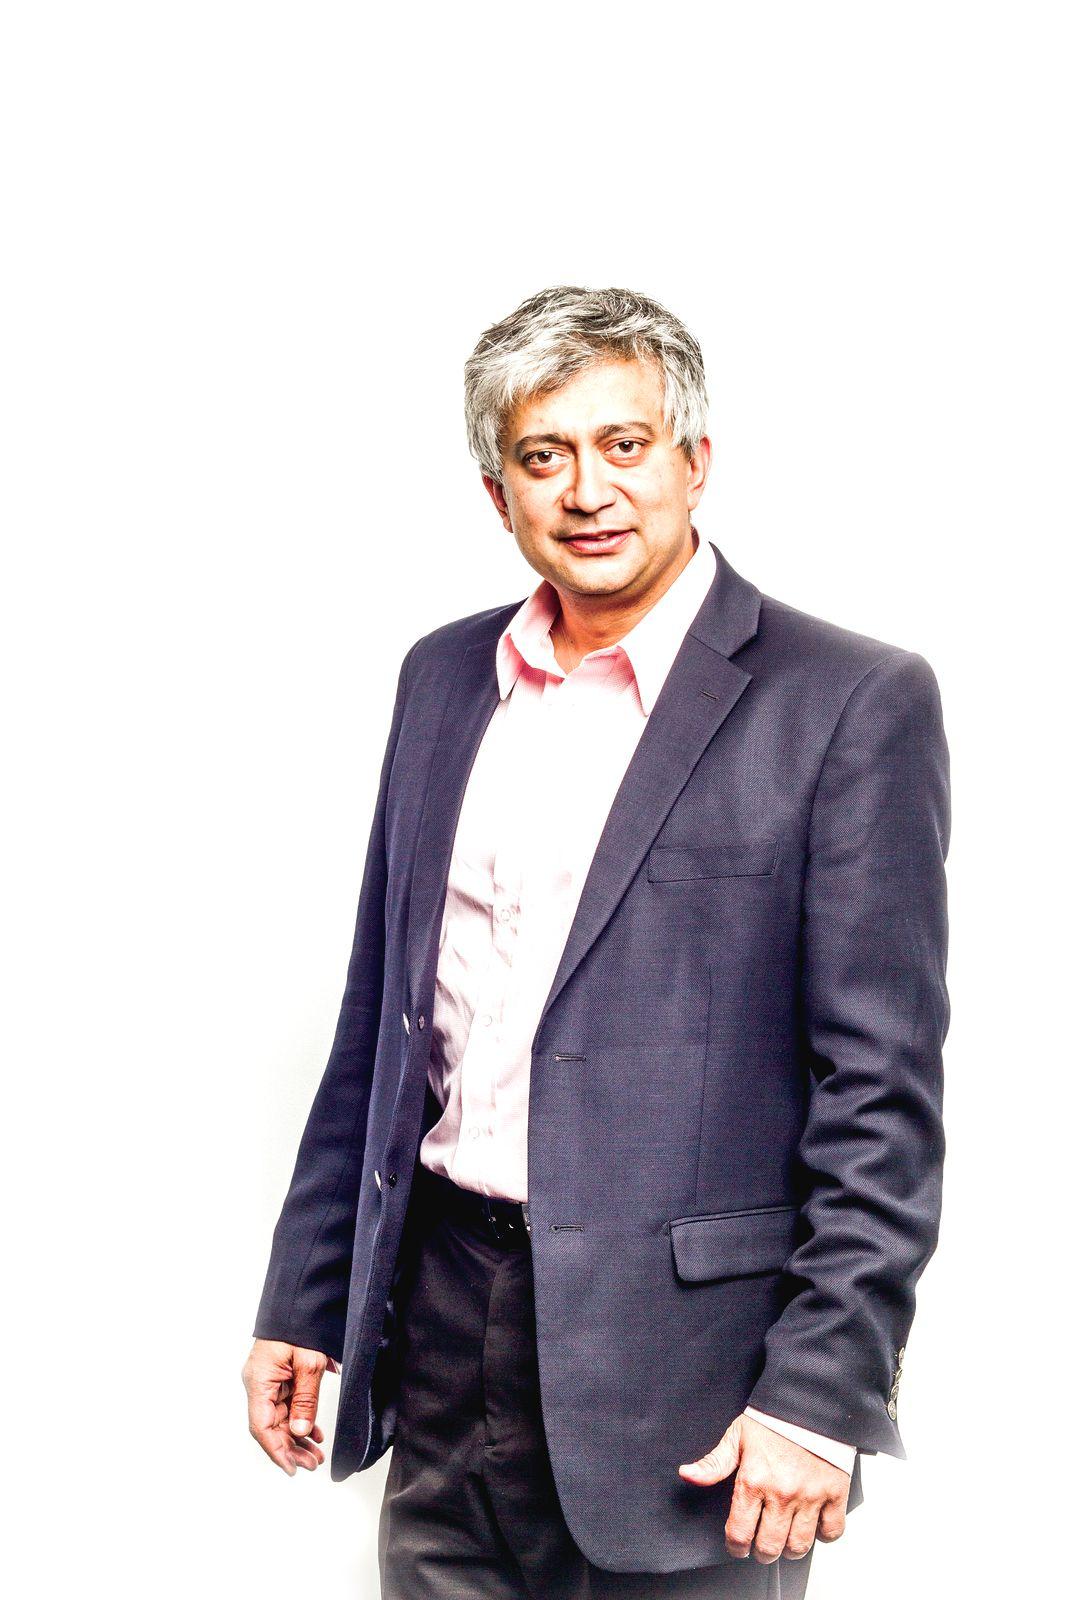 La clave de Hitendra Patel para la innovación: encontrar el 'crunch'